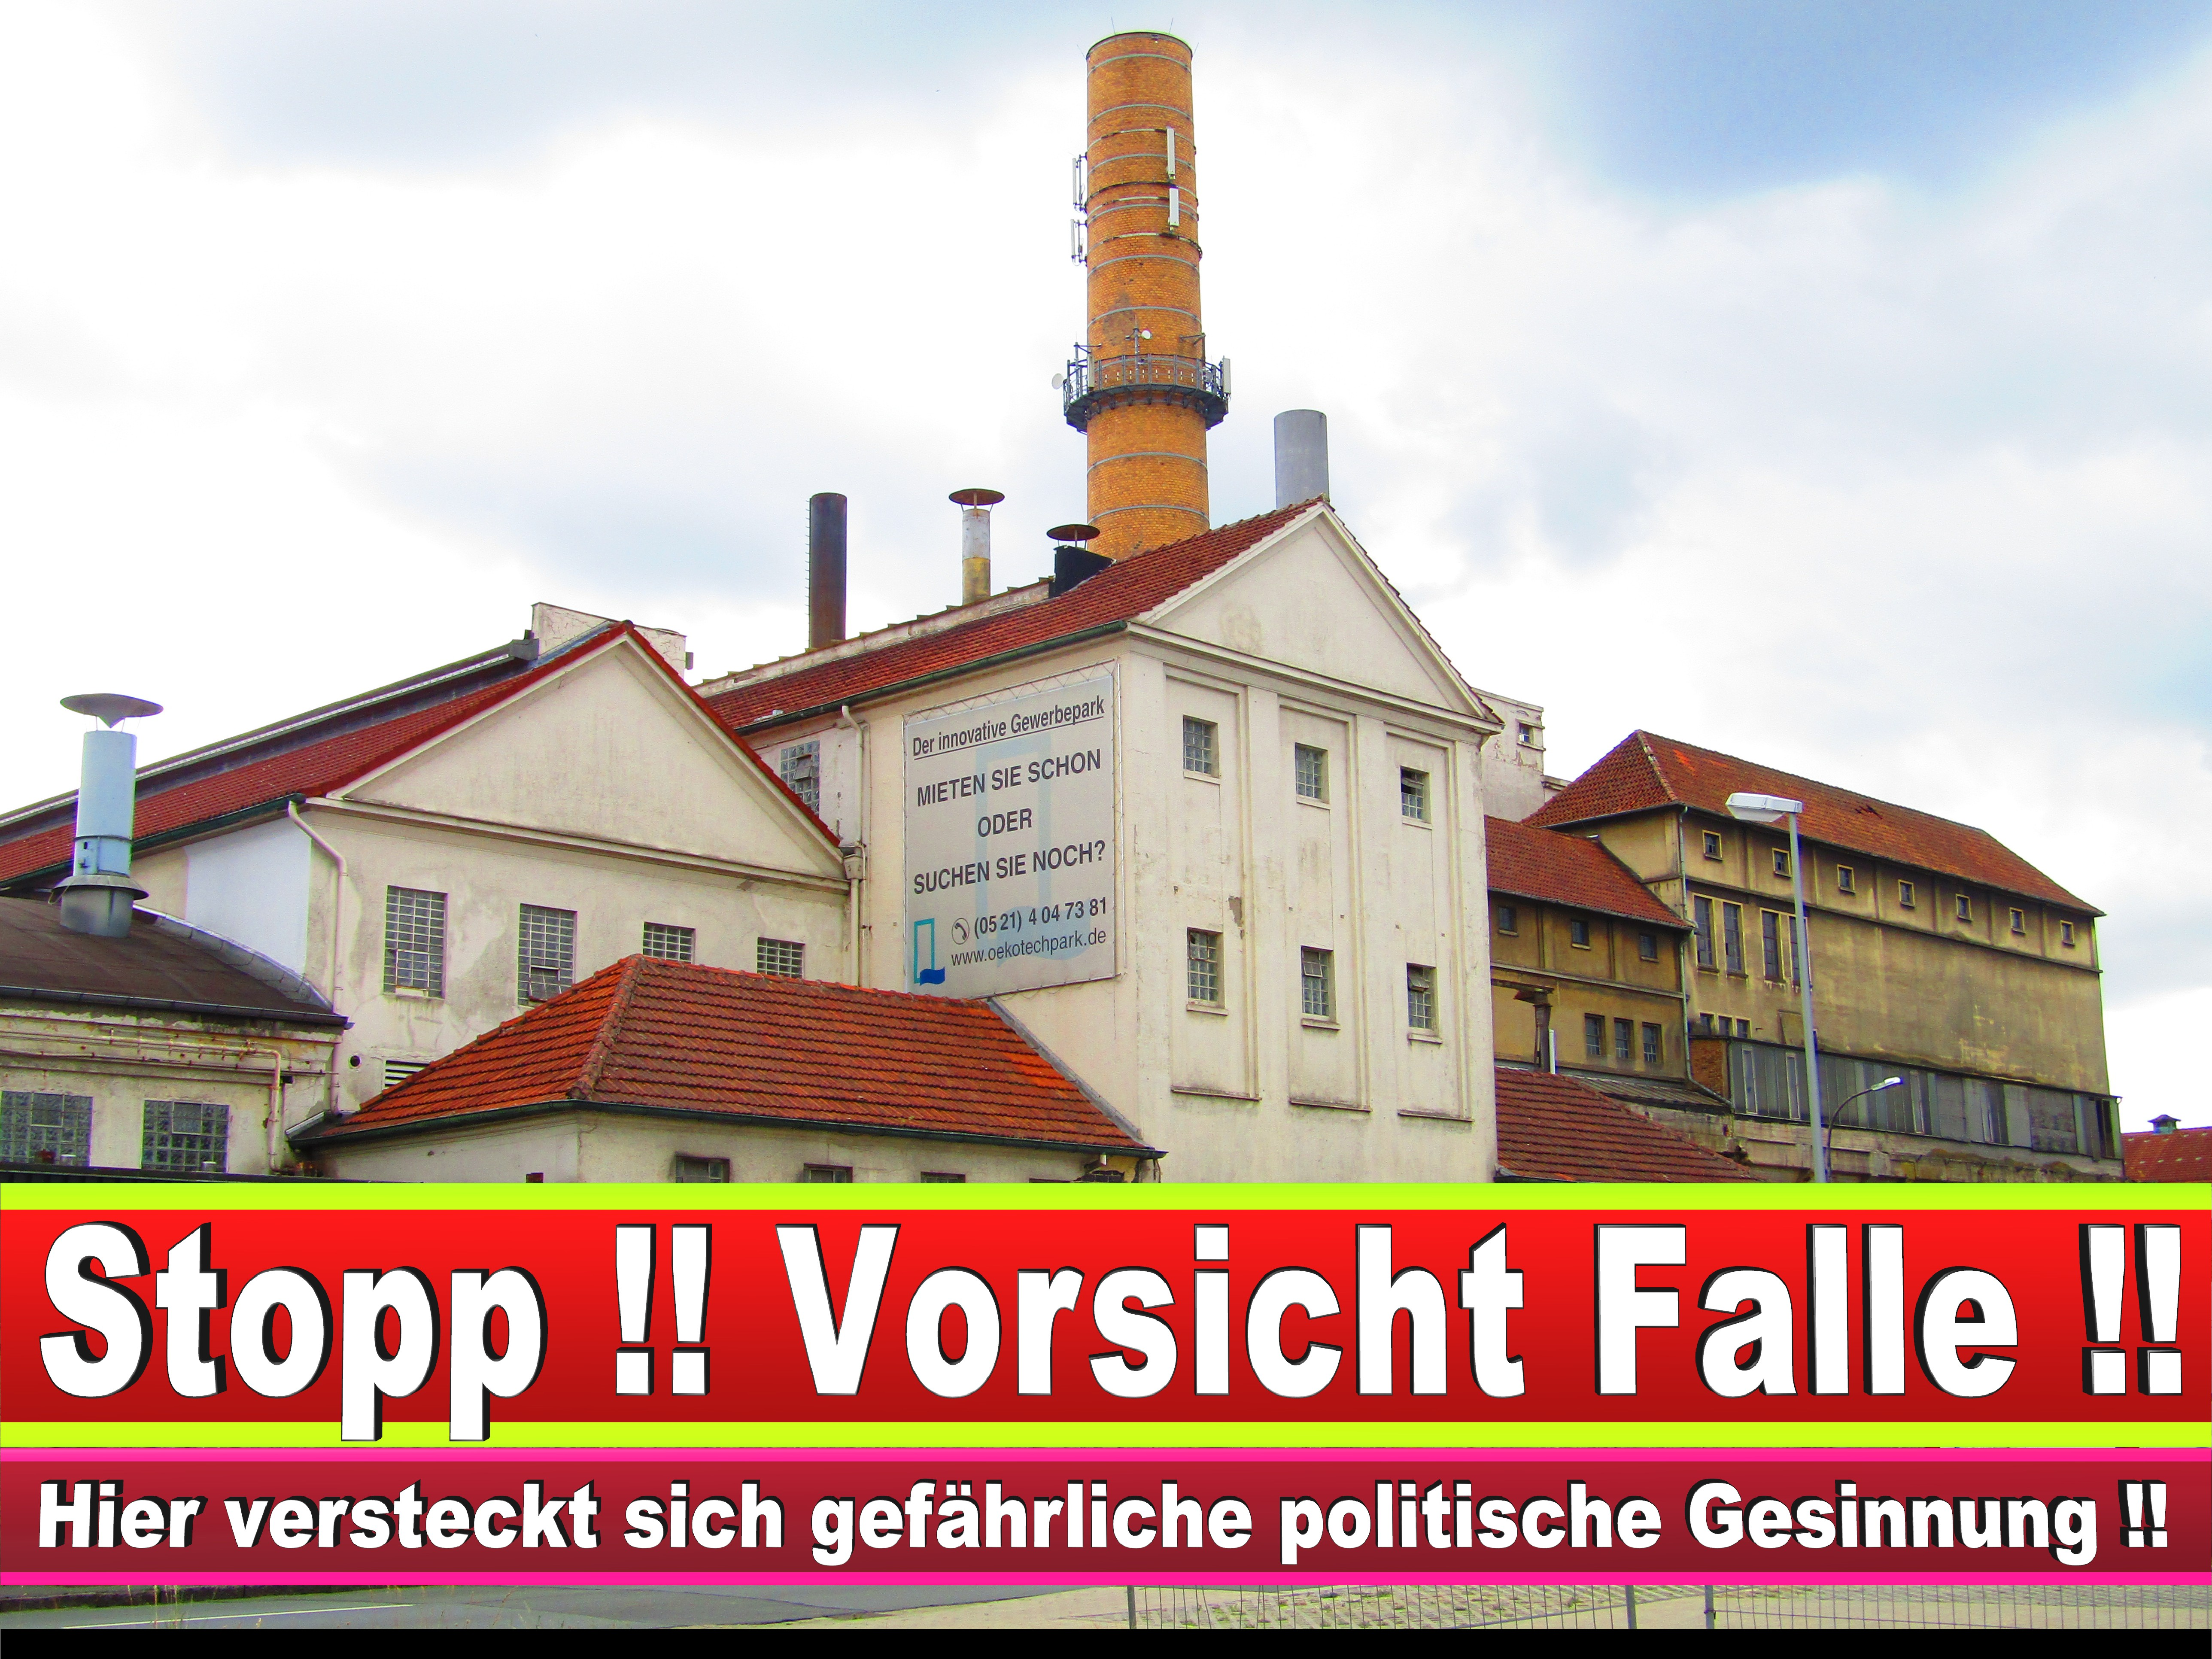 ÖKO TECH PARK DALLMANN ELEKTRO UND REGELUNGSTECHNIK DETLEF DALLMANN HäNDELSTR 13 GüTERSLOH